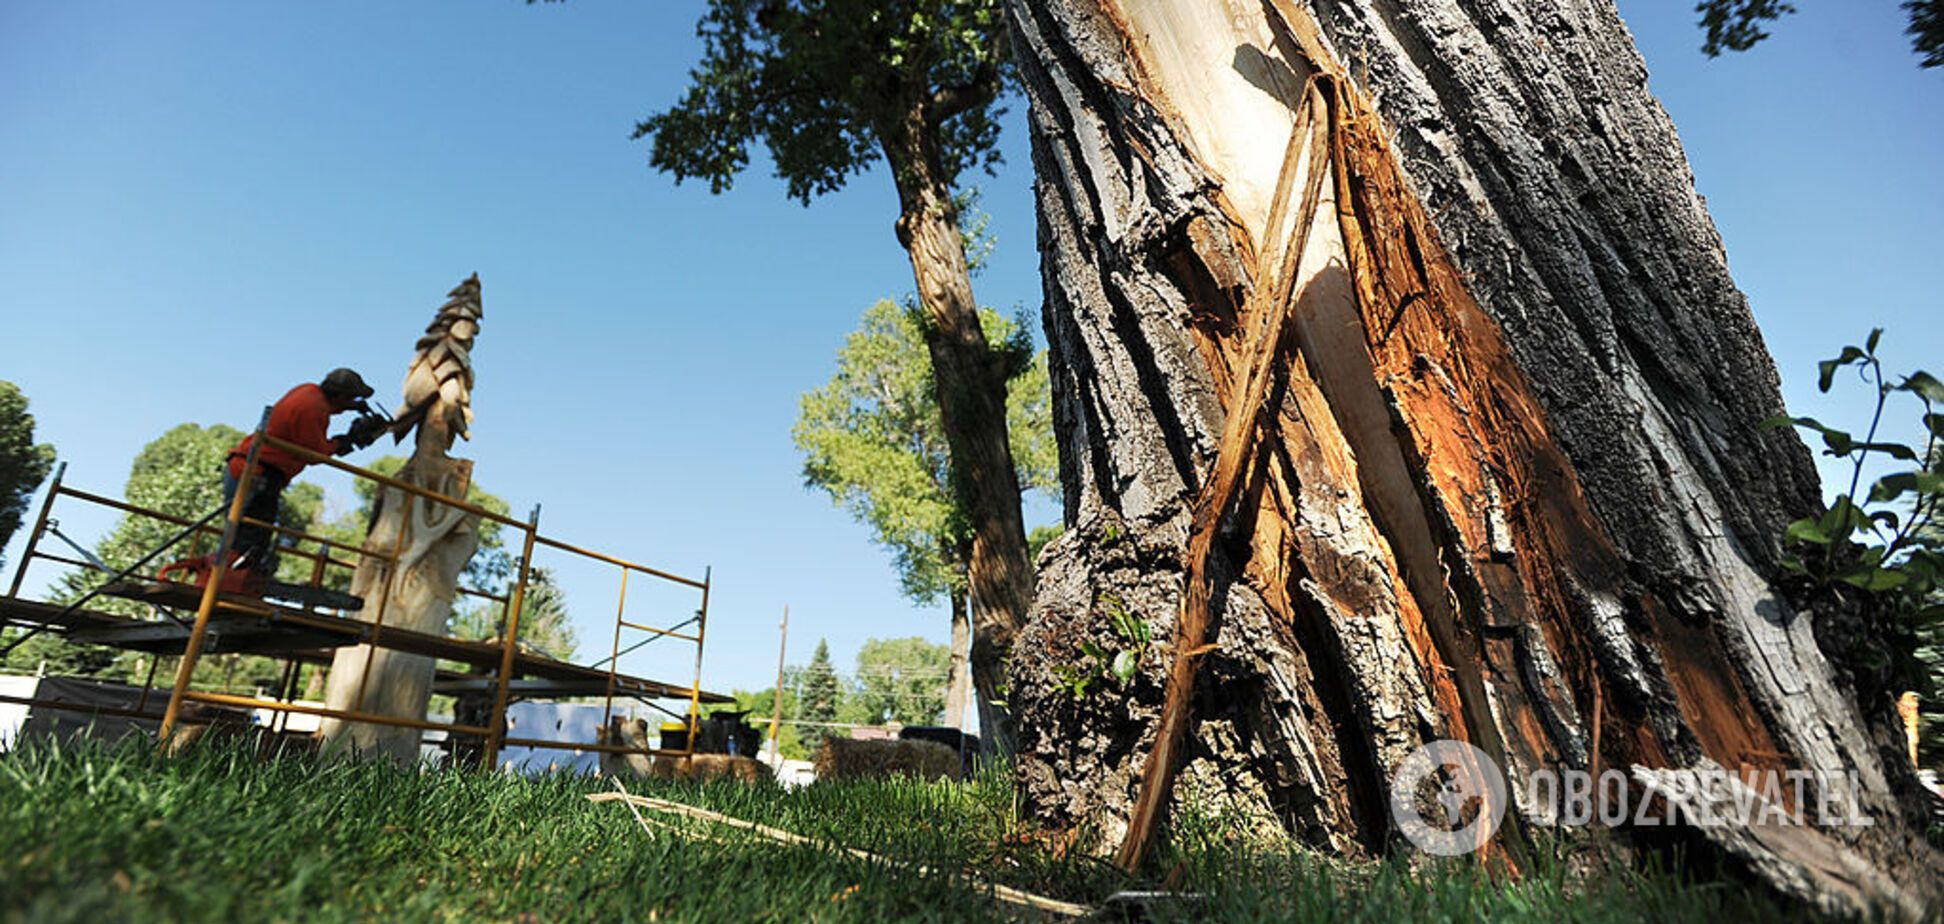 Дерево могло рухнуть от удара молнии: новые подробности о гибели парня и девушки во Львове